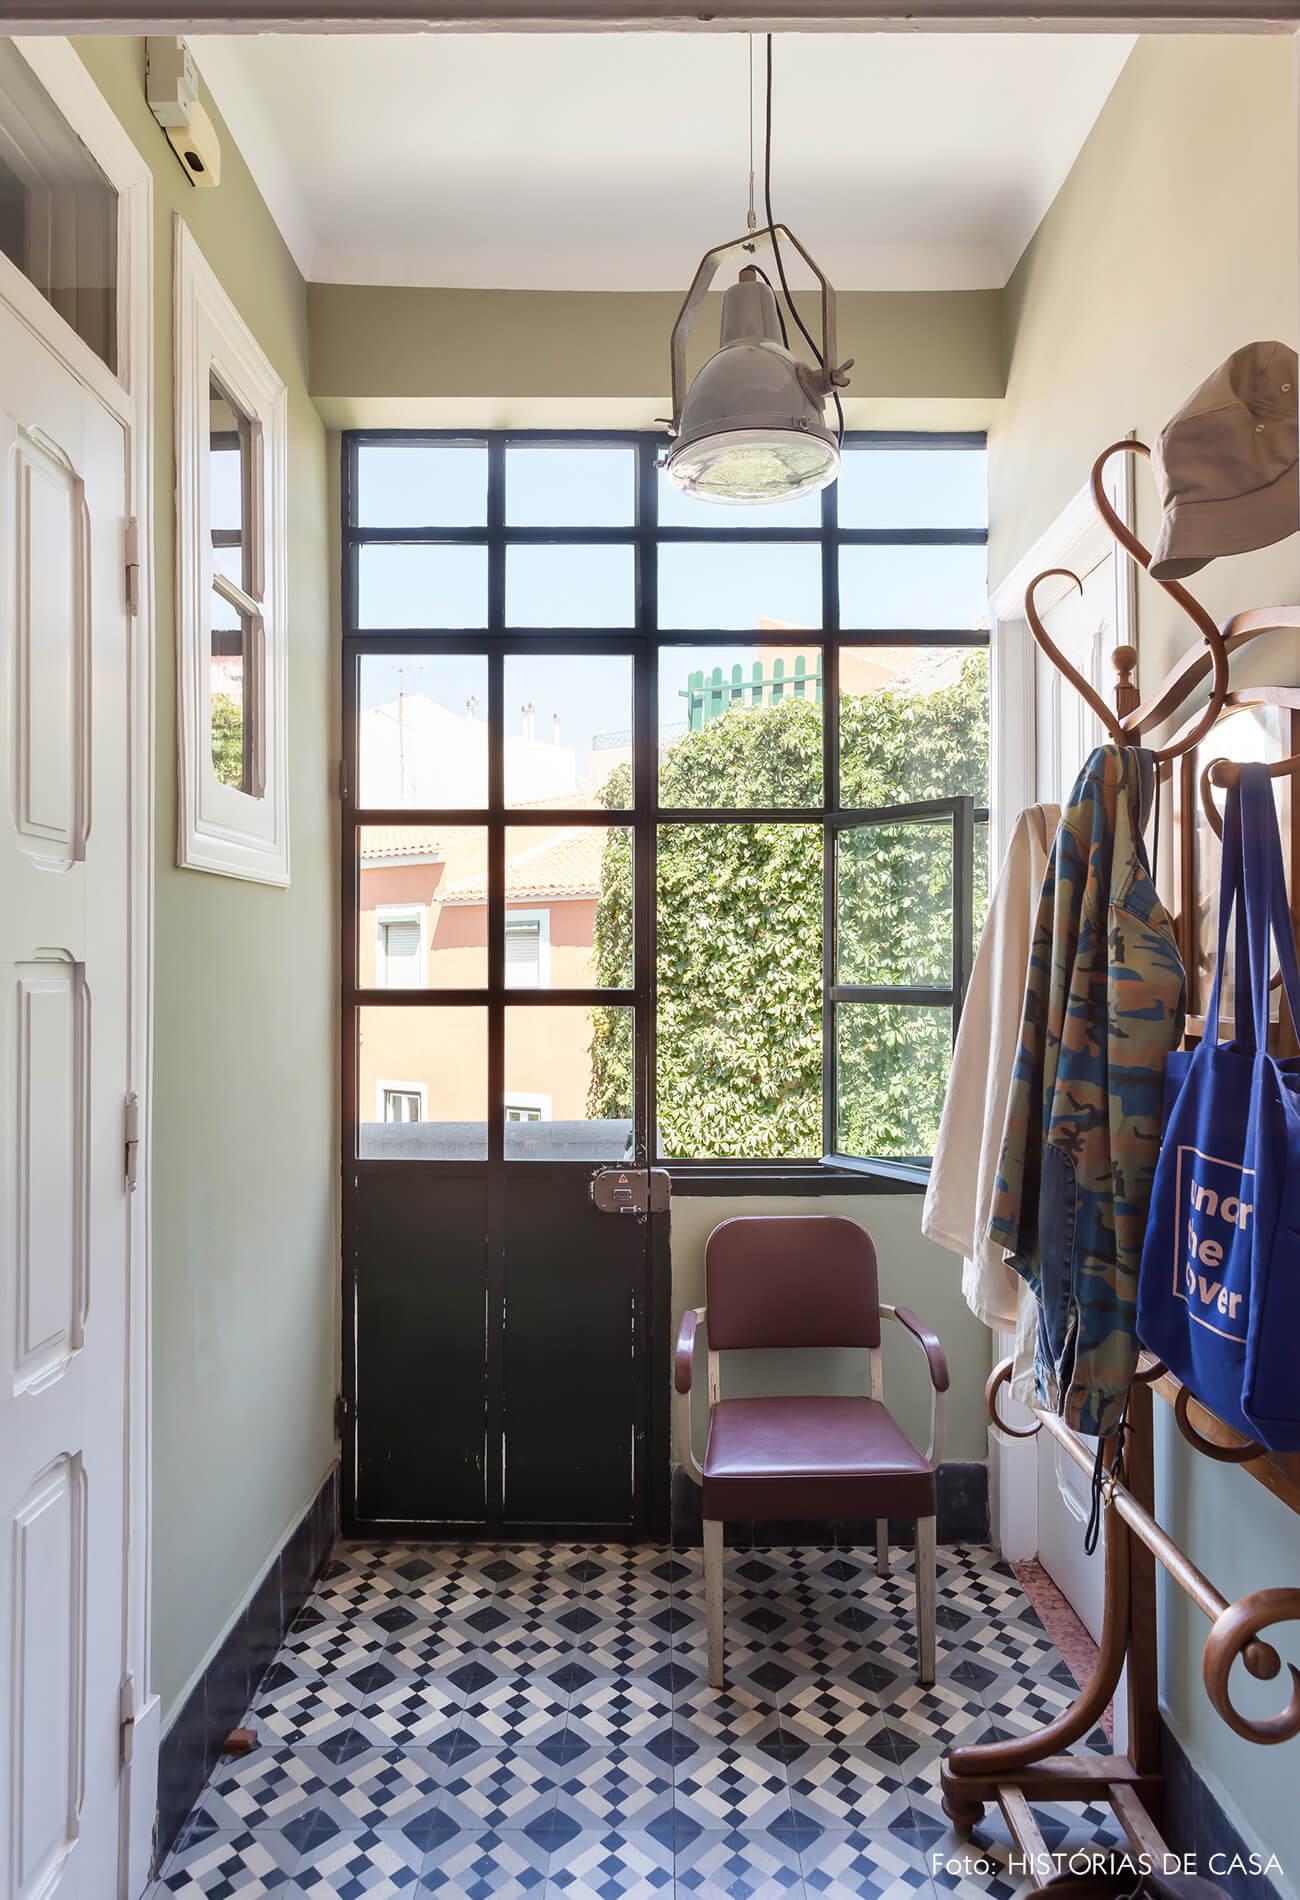 Decoração janela piso azulejos aul